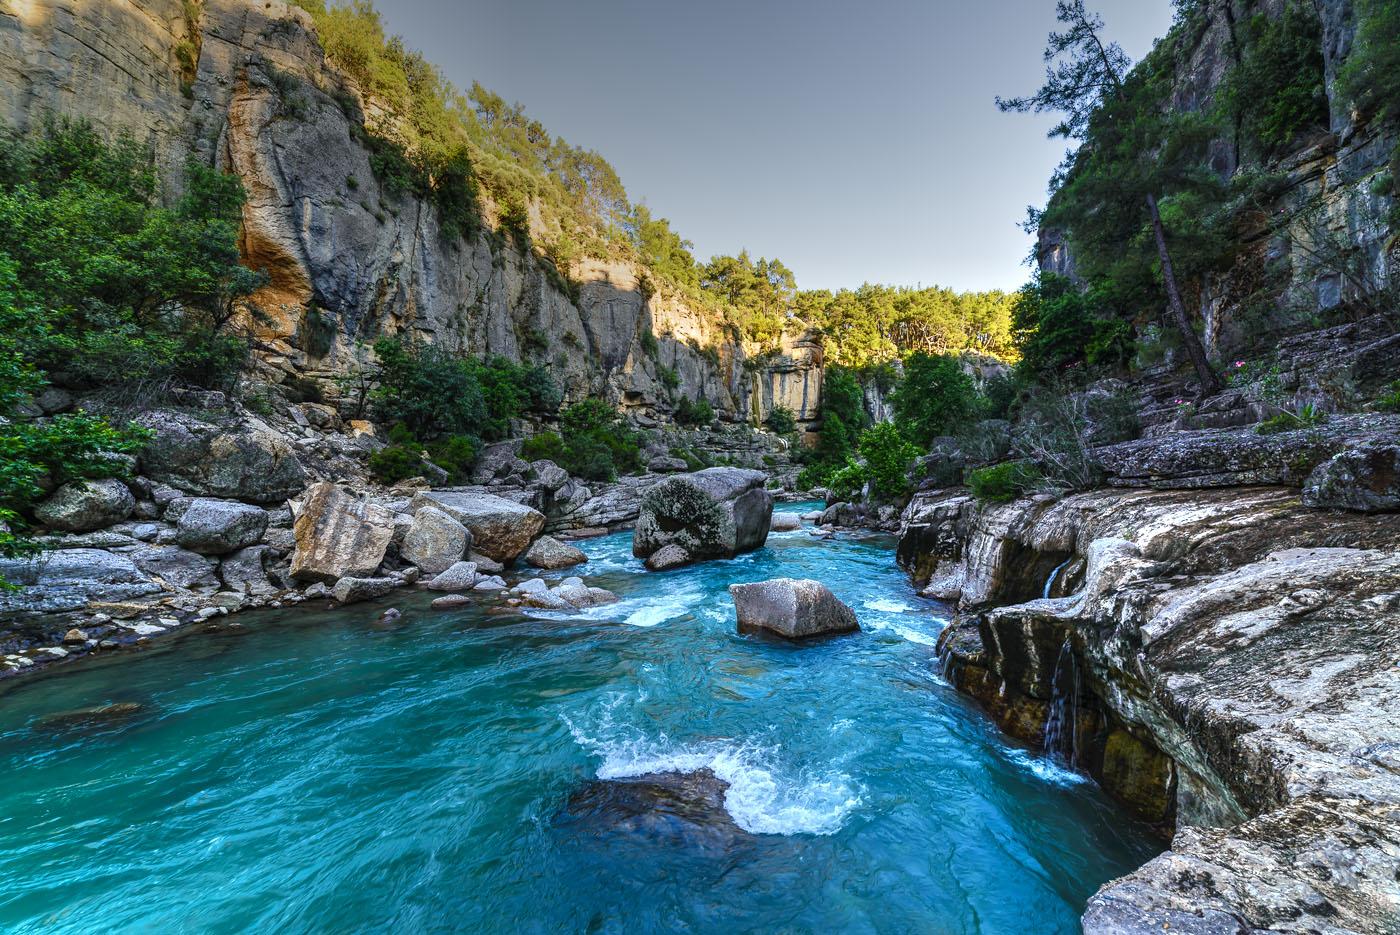 Фотография 10. Рассказ про самостоятельную экскурсию в каньон Кёпрюлю во время отдыха в Турции в мае и июне. Река Köprüçay. Какие интересные природные достопримечательности можно посетить в окрестностях Анталии. Тонмаппинг.